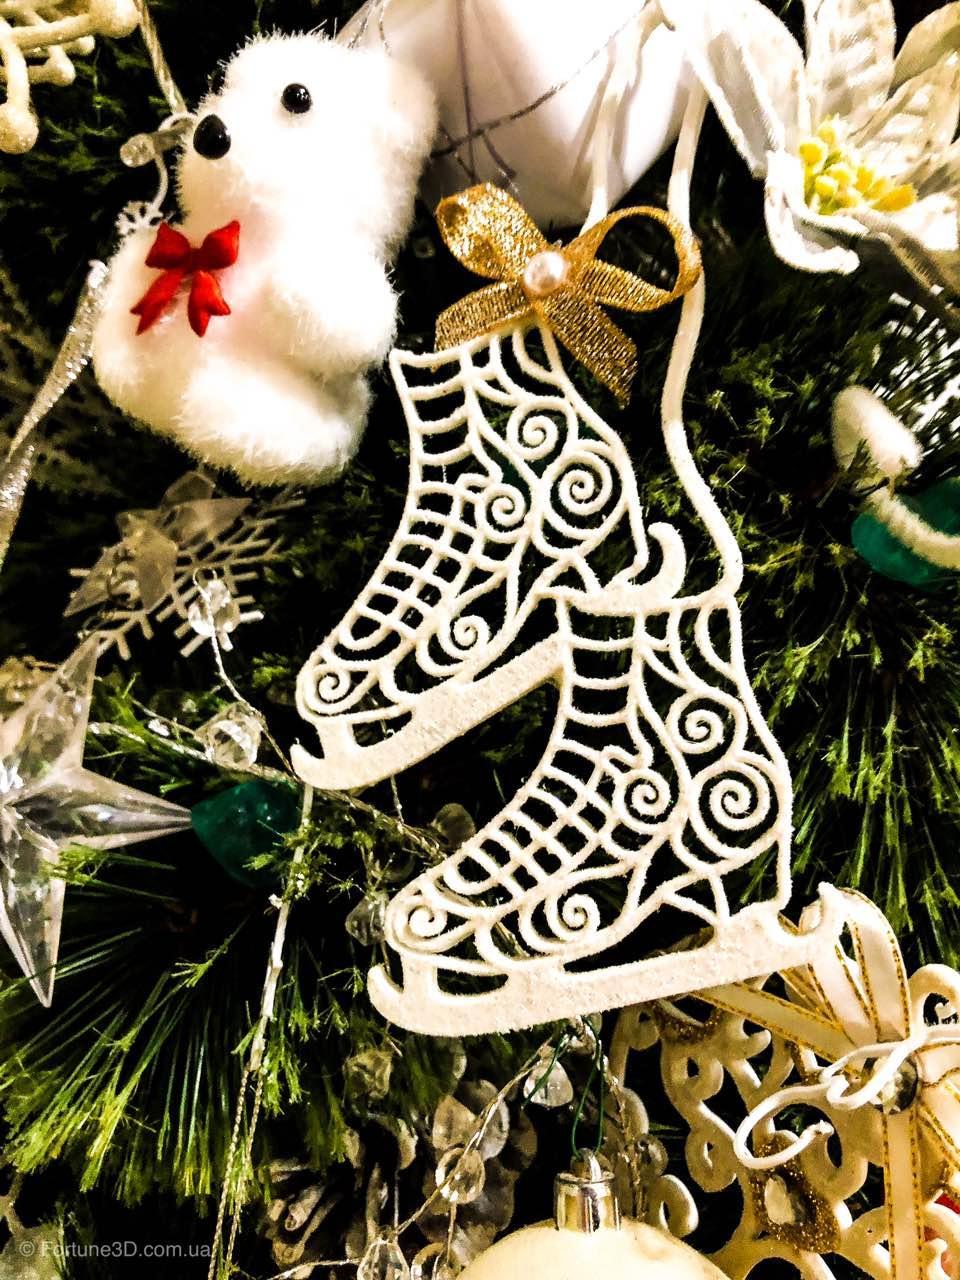 Коньки украшения на елку. Новогодние коньки из пластика